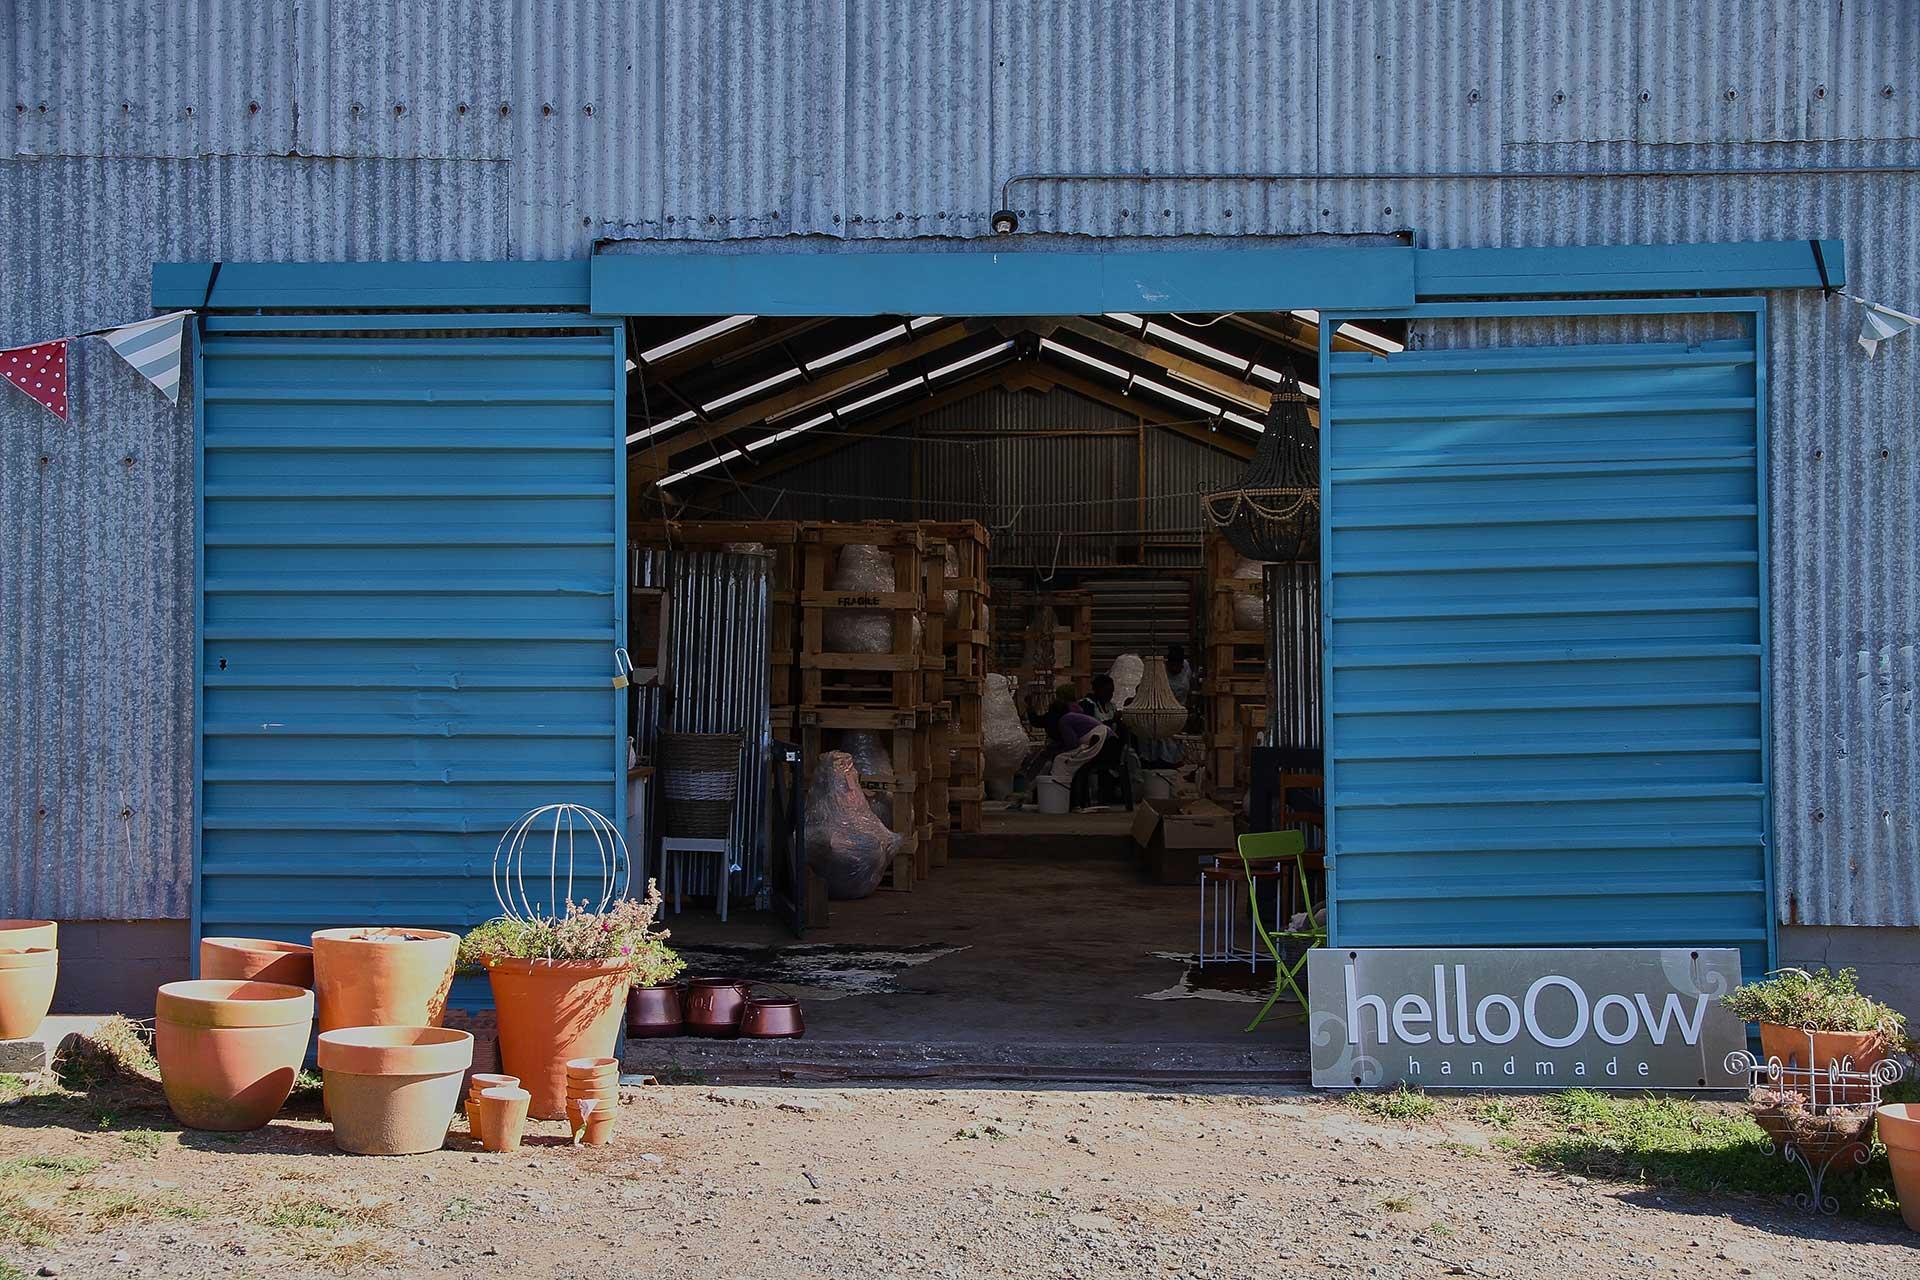 hellooow-handmade